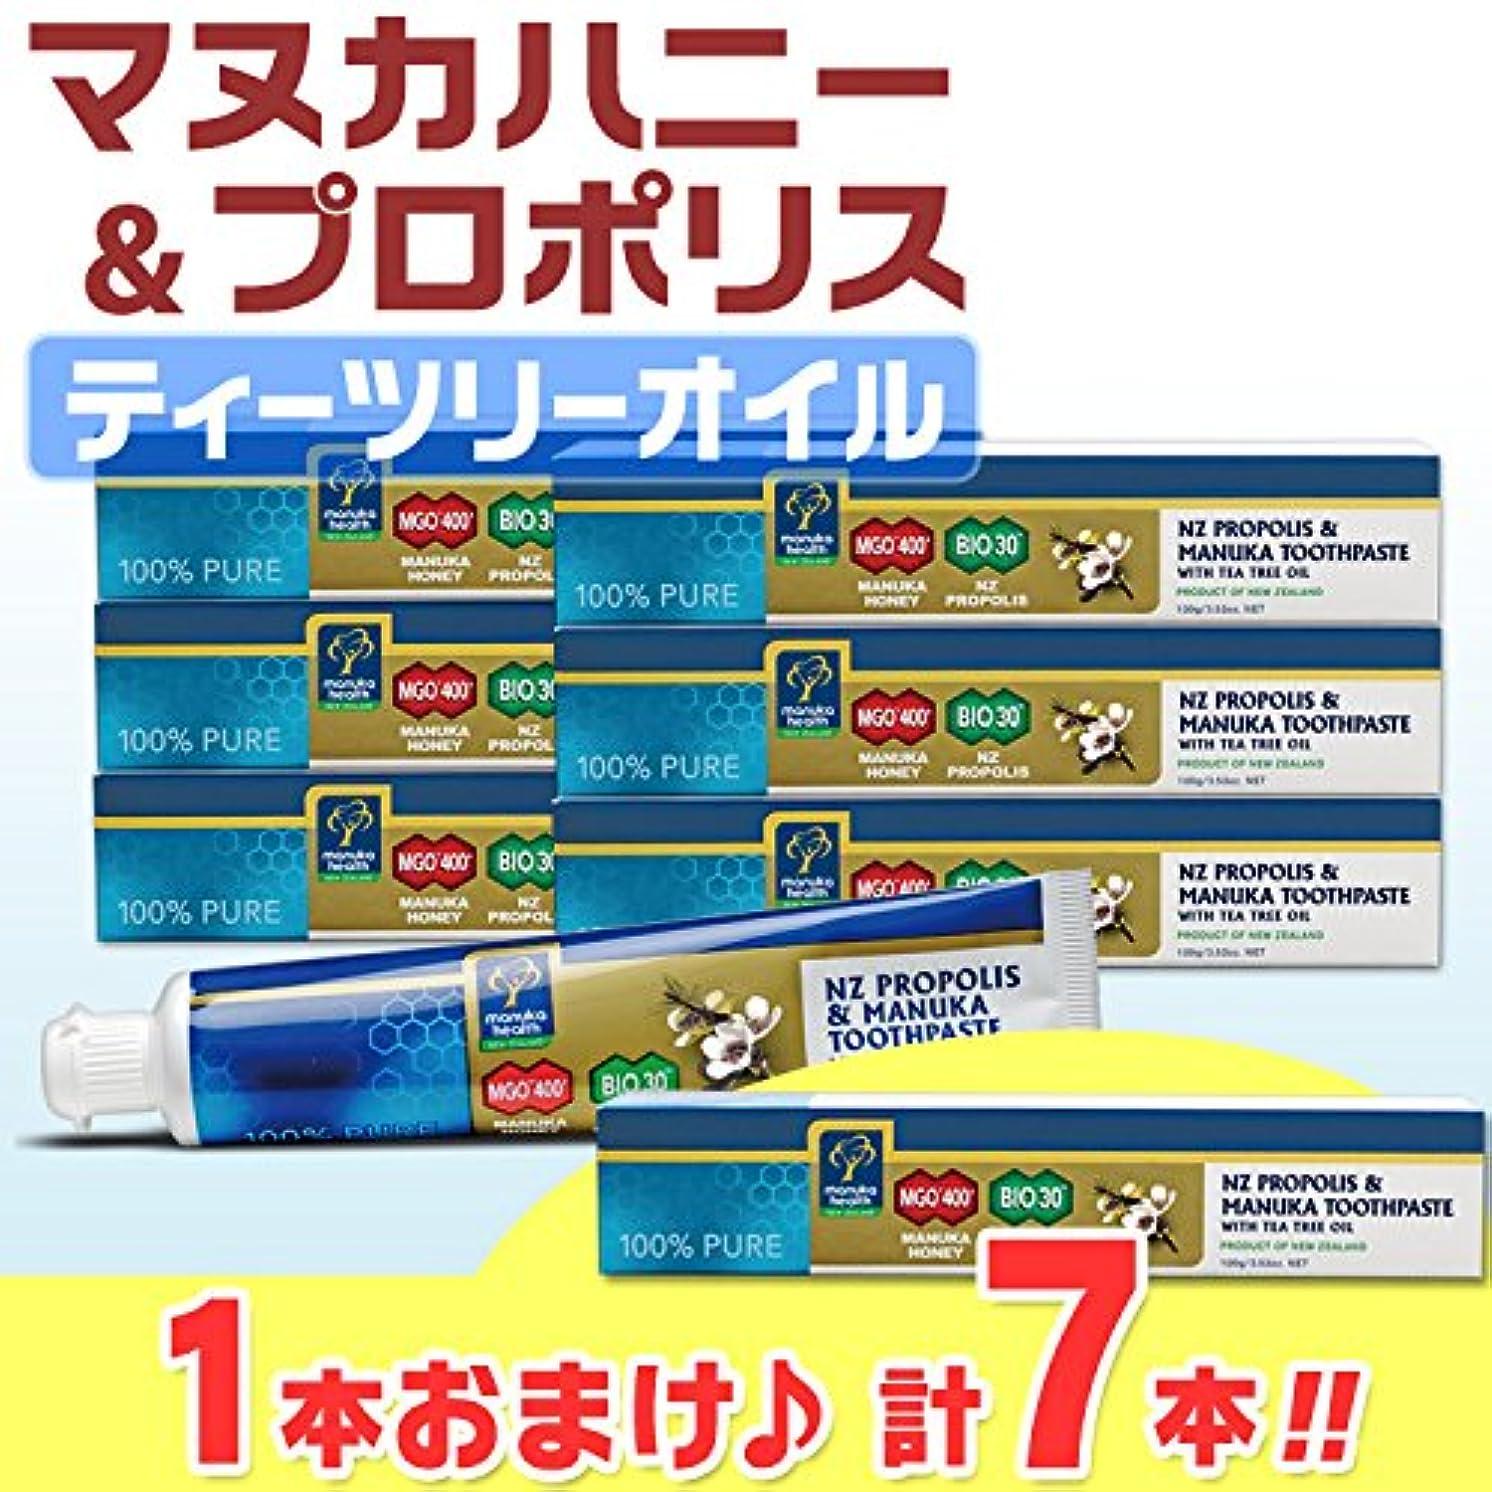 添加剤修復限りなくプロポリス&マヌカハニー MGO400+ ティーツリーオイル 歯磨き粉 [100g]◆6本+1本増量 計7本セット◆青